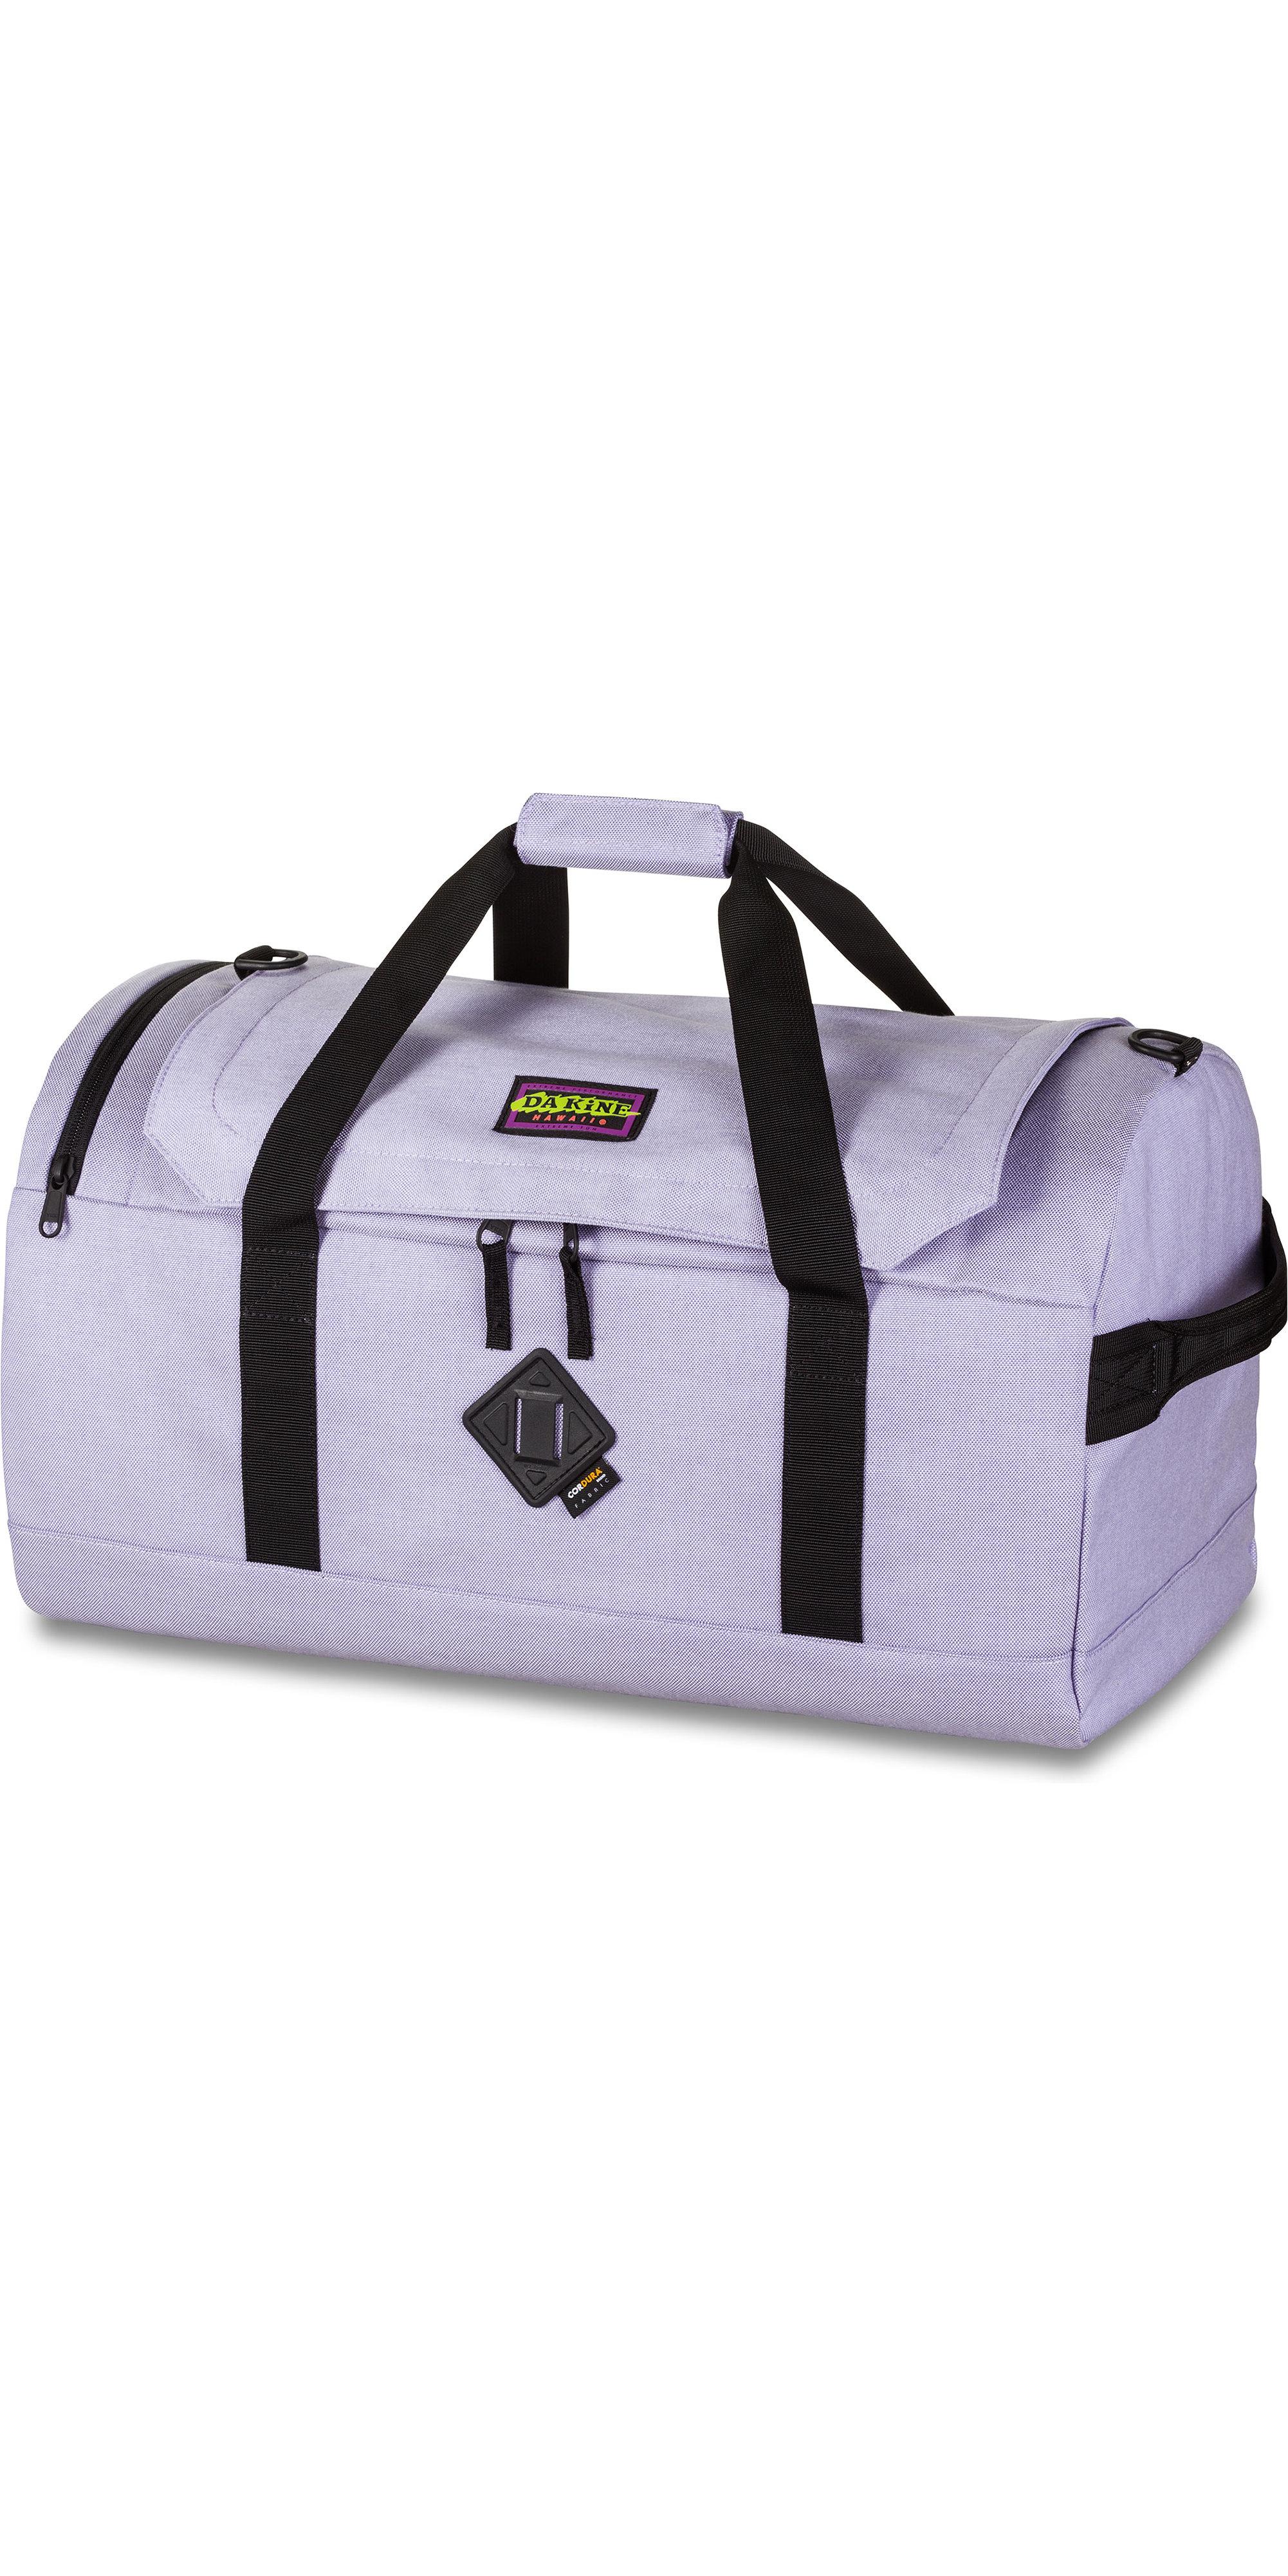 31e86ef56b3a 2019 Dakine EQ Duffle Bag 50L Cannery 10002061